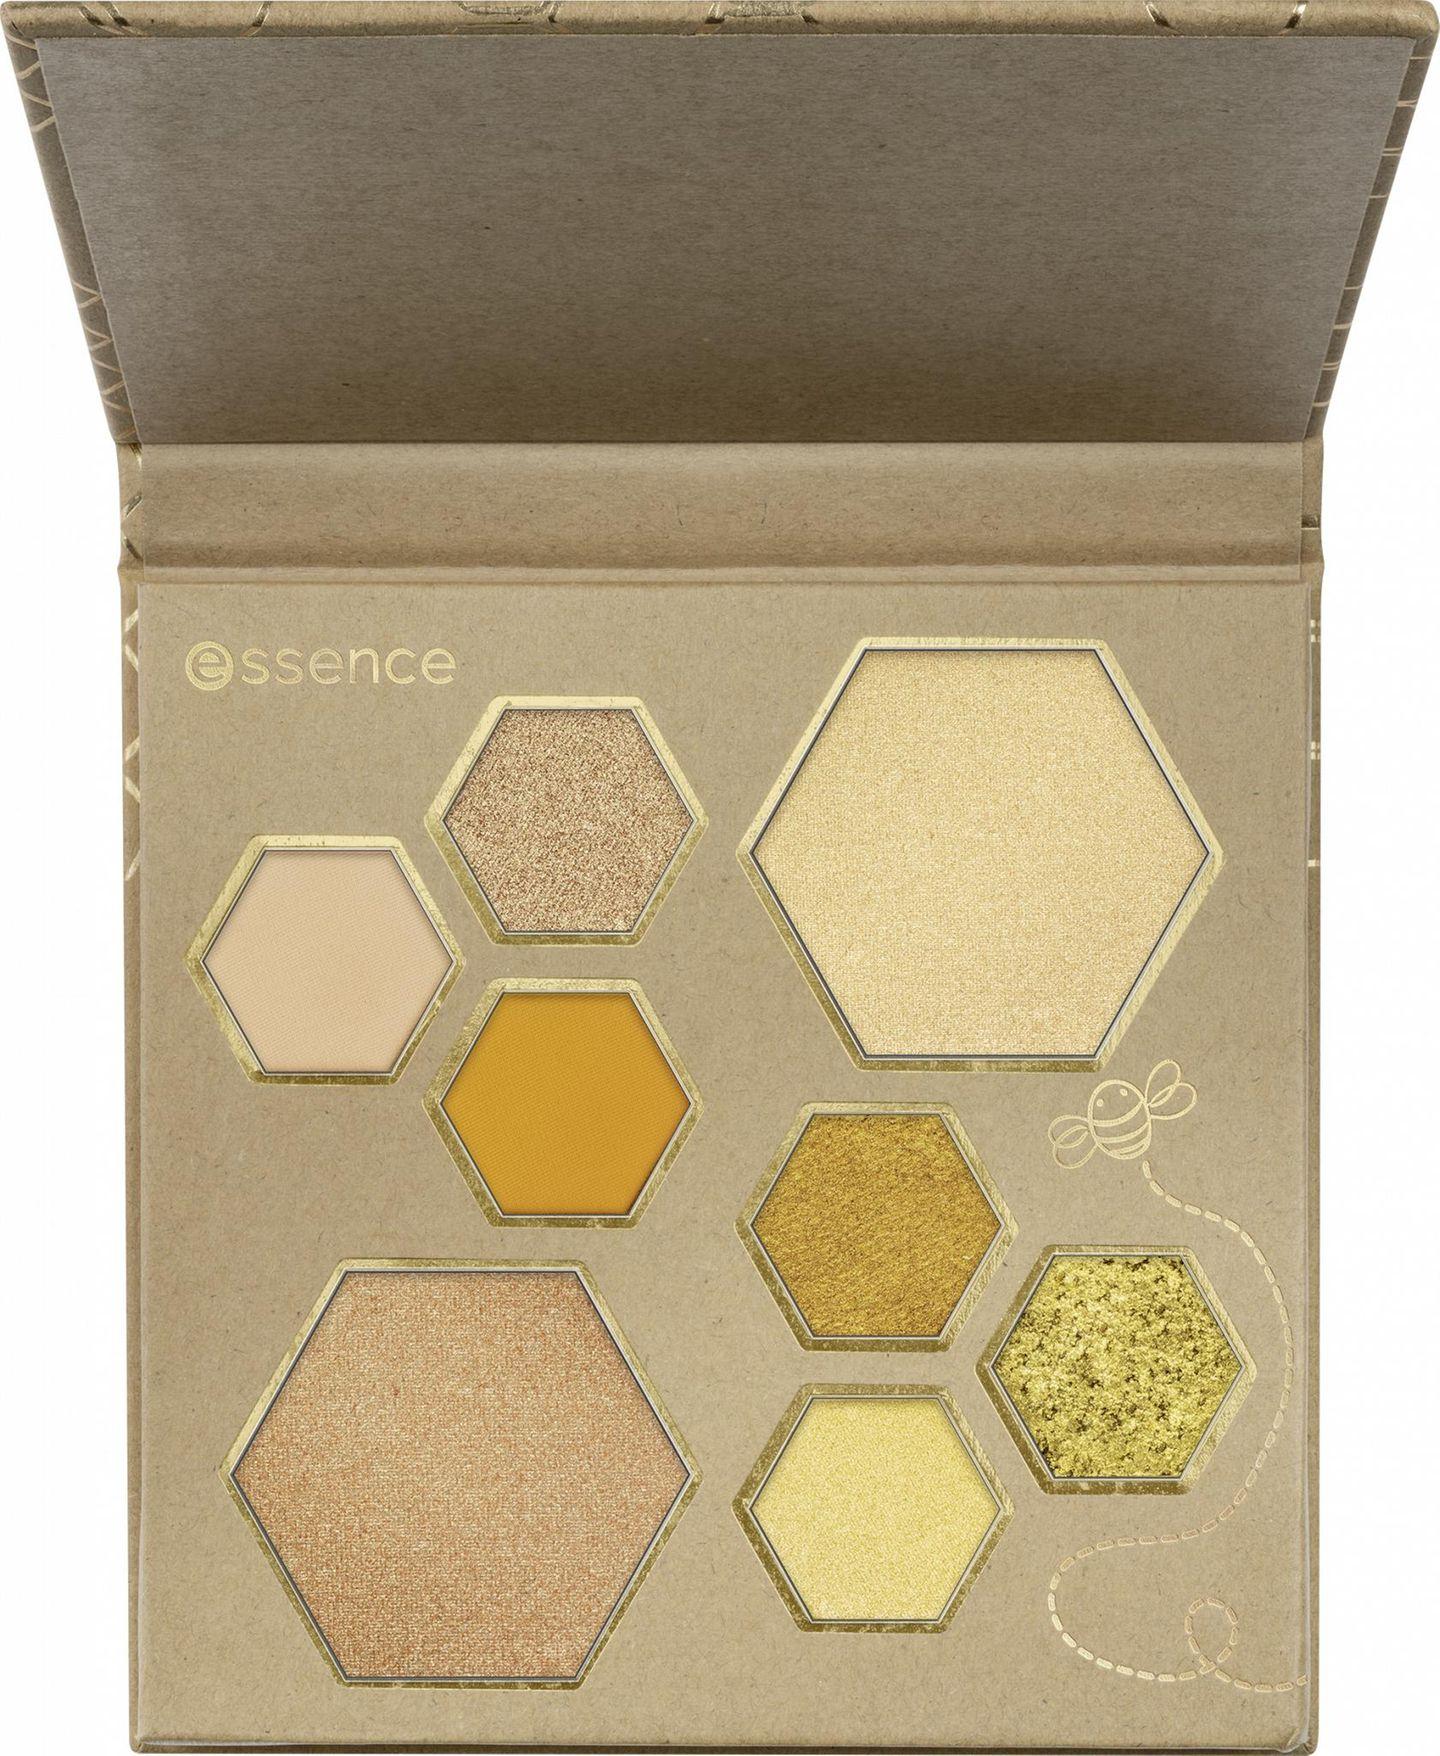 """Goldene Farbtöne für einen strahlenden Glow!Die Welt der Bienen ist die perfekte Inspiration für diese neue Palette aus der neuen Trend-Edition""""Wanne bee my honey?"""" von essence. Sechs matte, glitzernde und hochpigmentierte Eyeshadows sowiezwei Highlighter machen sie zu unserem ultimativen Summer-Crush. Und das Beste:Im Rahmen der Trend-Editionspendet essence insgesamt 20.000 Euro an den Green Forest Fundund schafft damit ein 3.500 m²großes Bienenparadies,um langfristig Lebensraum für Wildbienen zu sichern. Palette, um 8 Euro."""